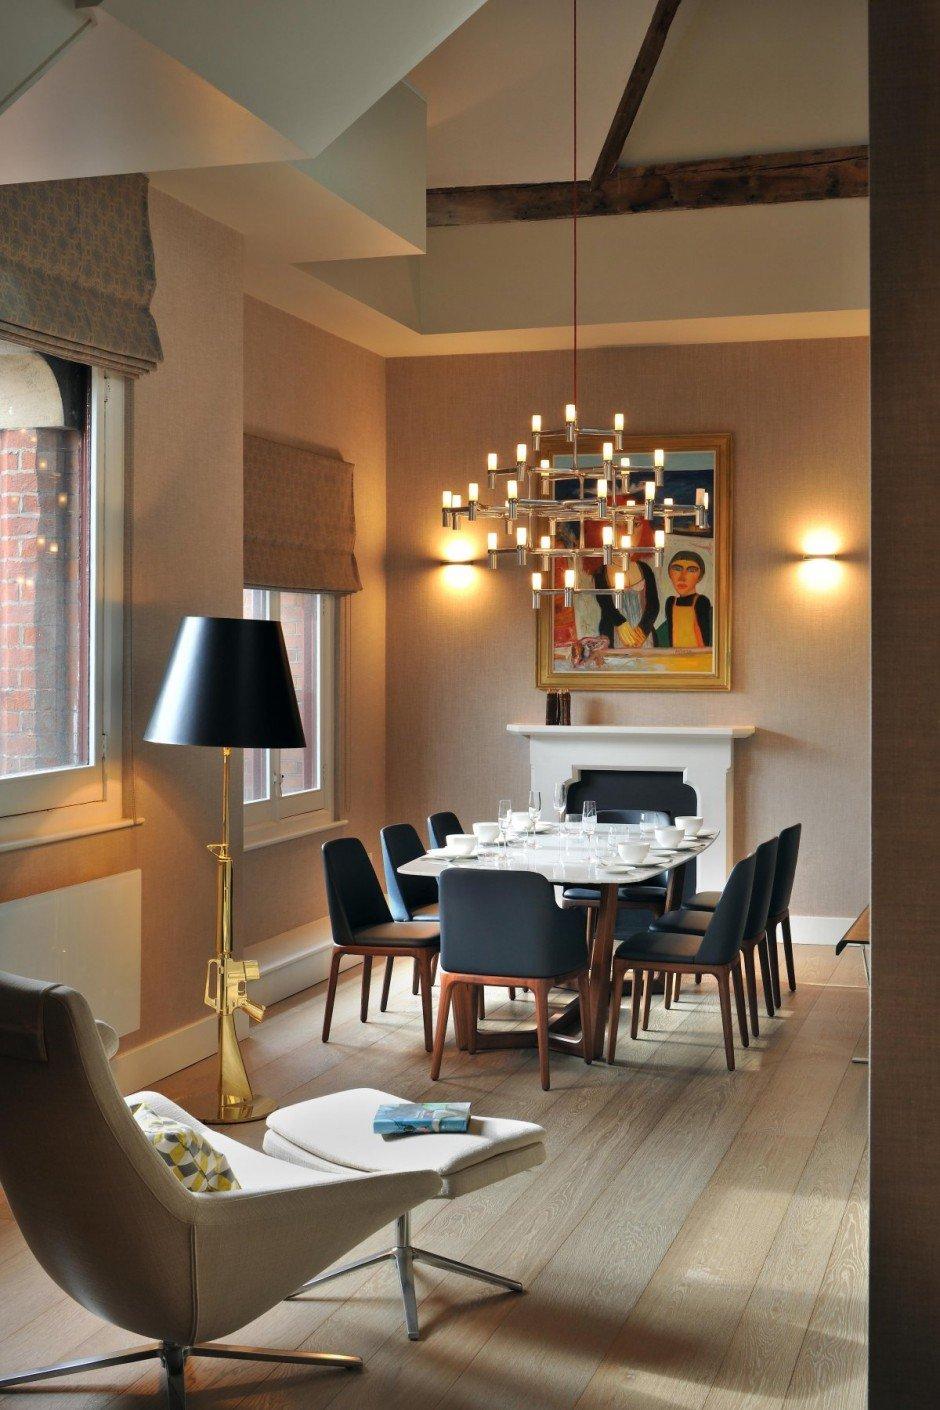 Фотография: Кухня и столовая в стиле Современный, Квартира, Flos, Дома и квартиры, Лондон, Лестница, Библиотека, Готический – фото на InMyRoom.ru